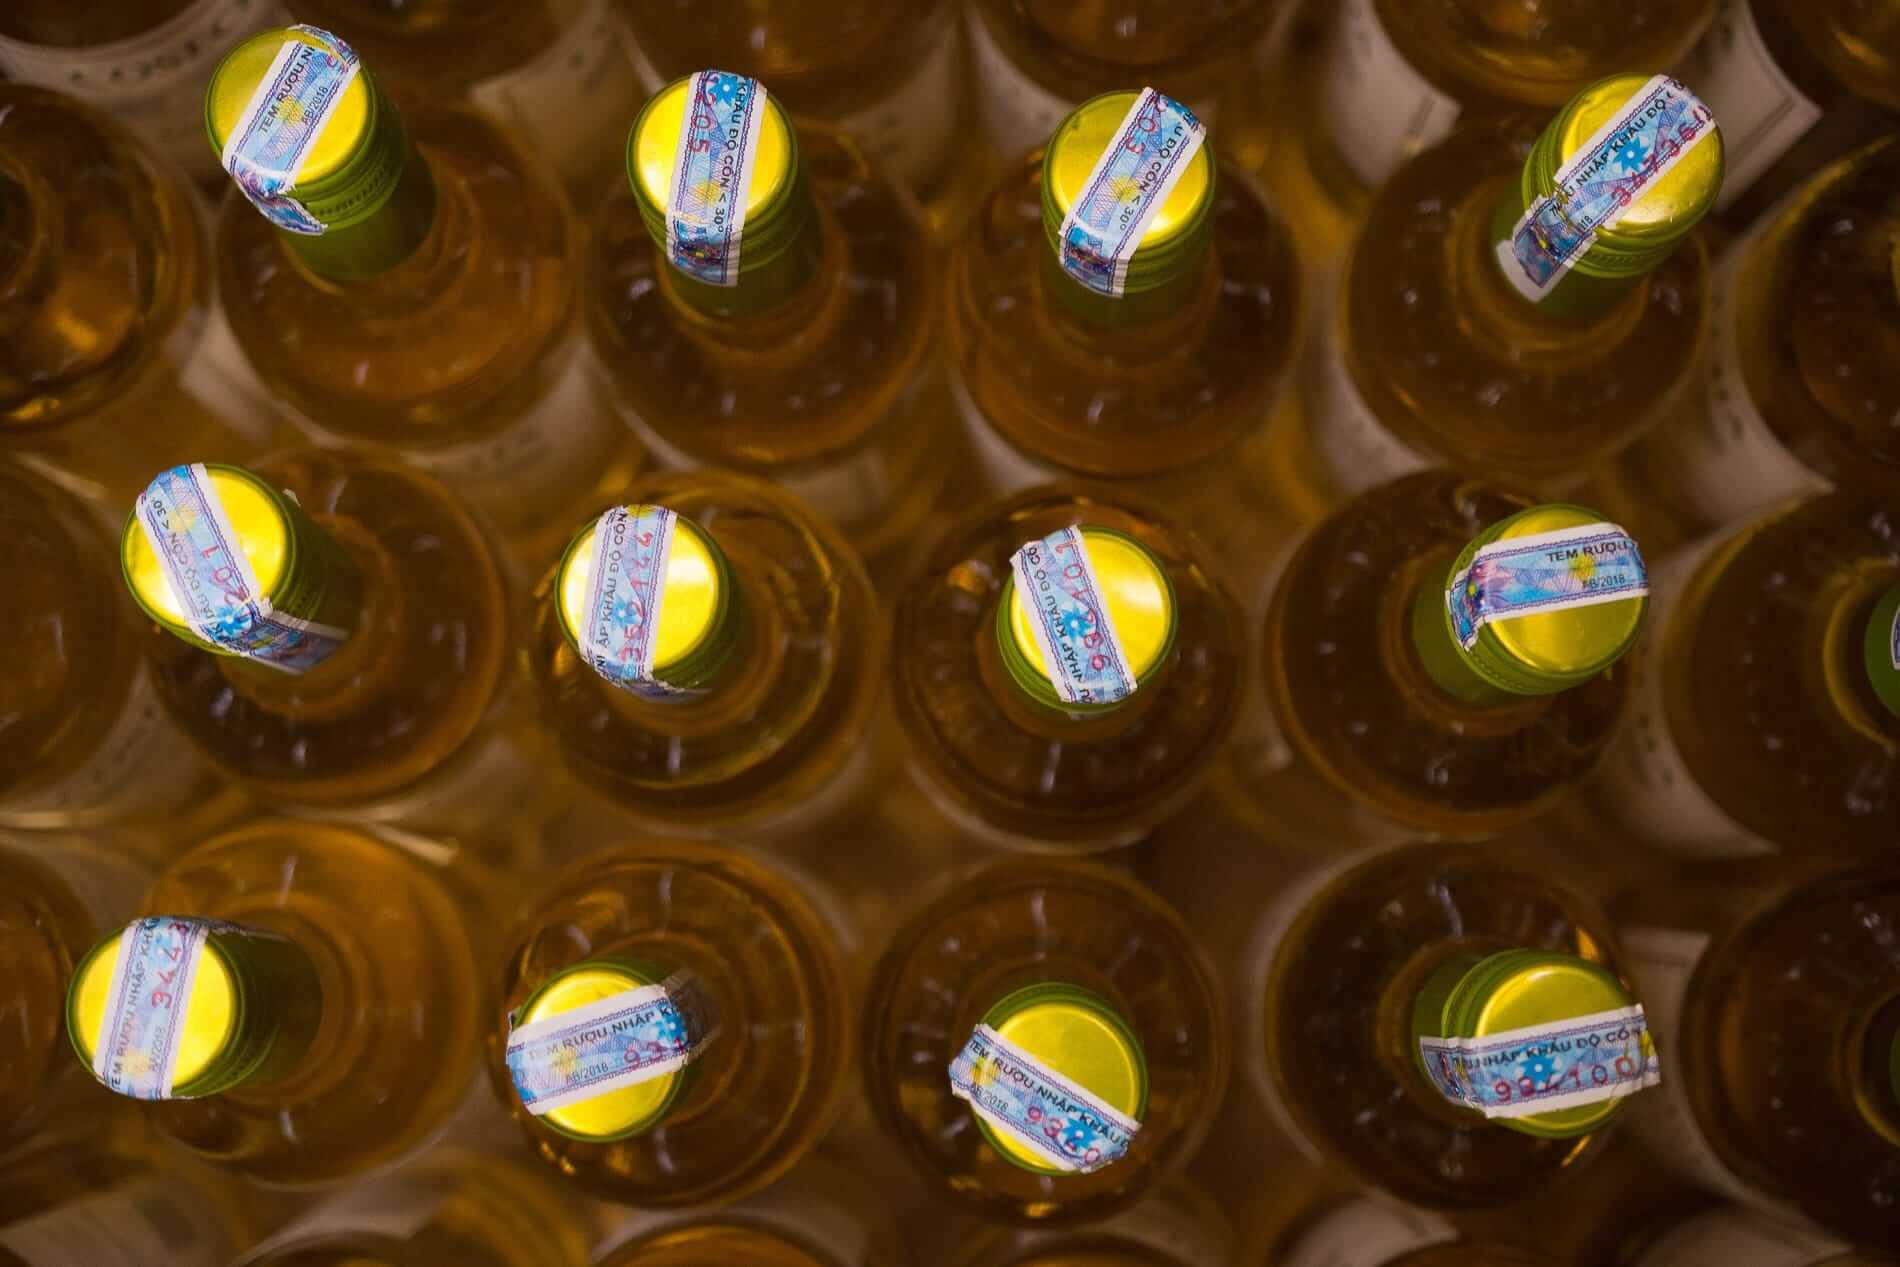 Bottles piled at Le20 wine bar